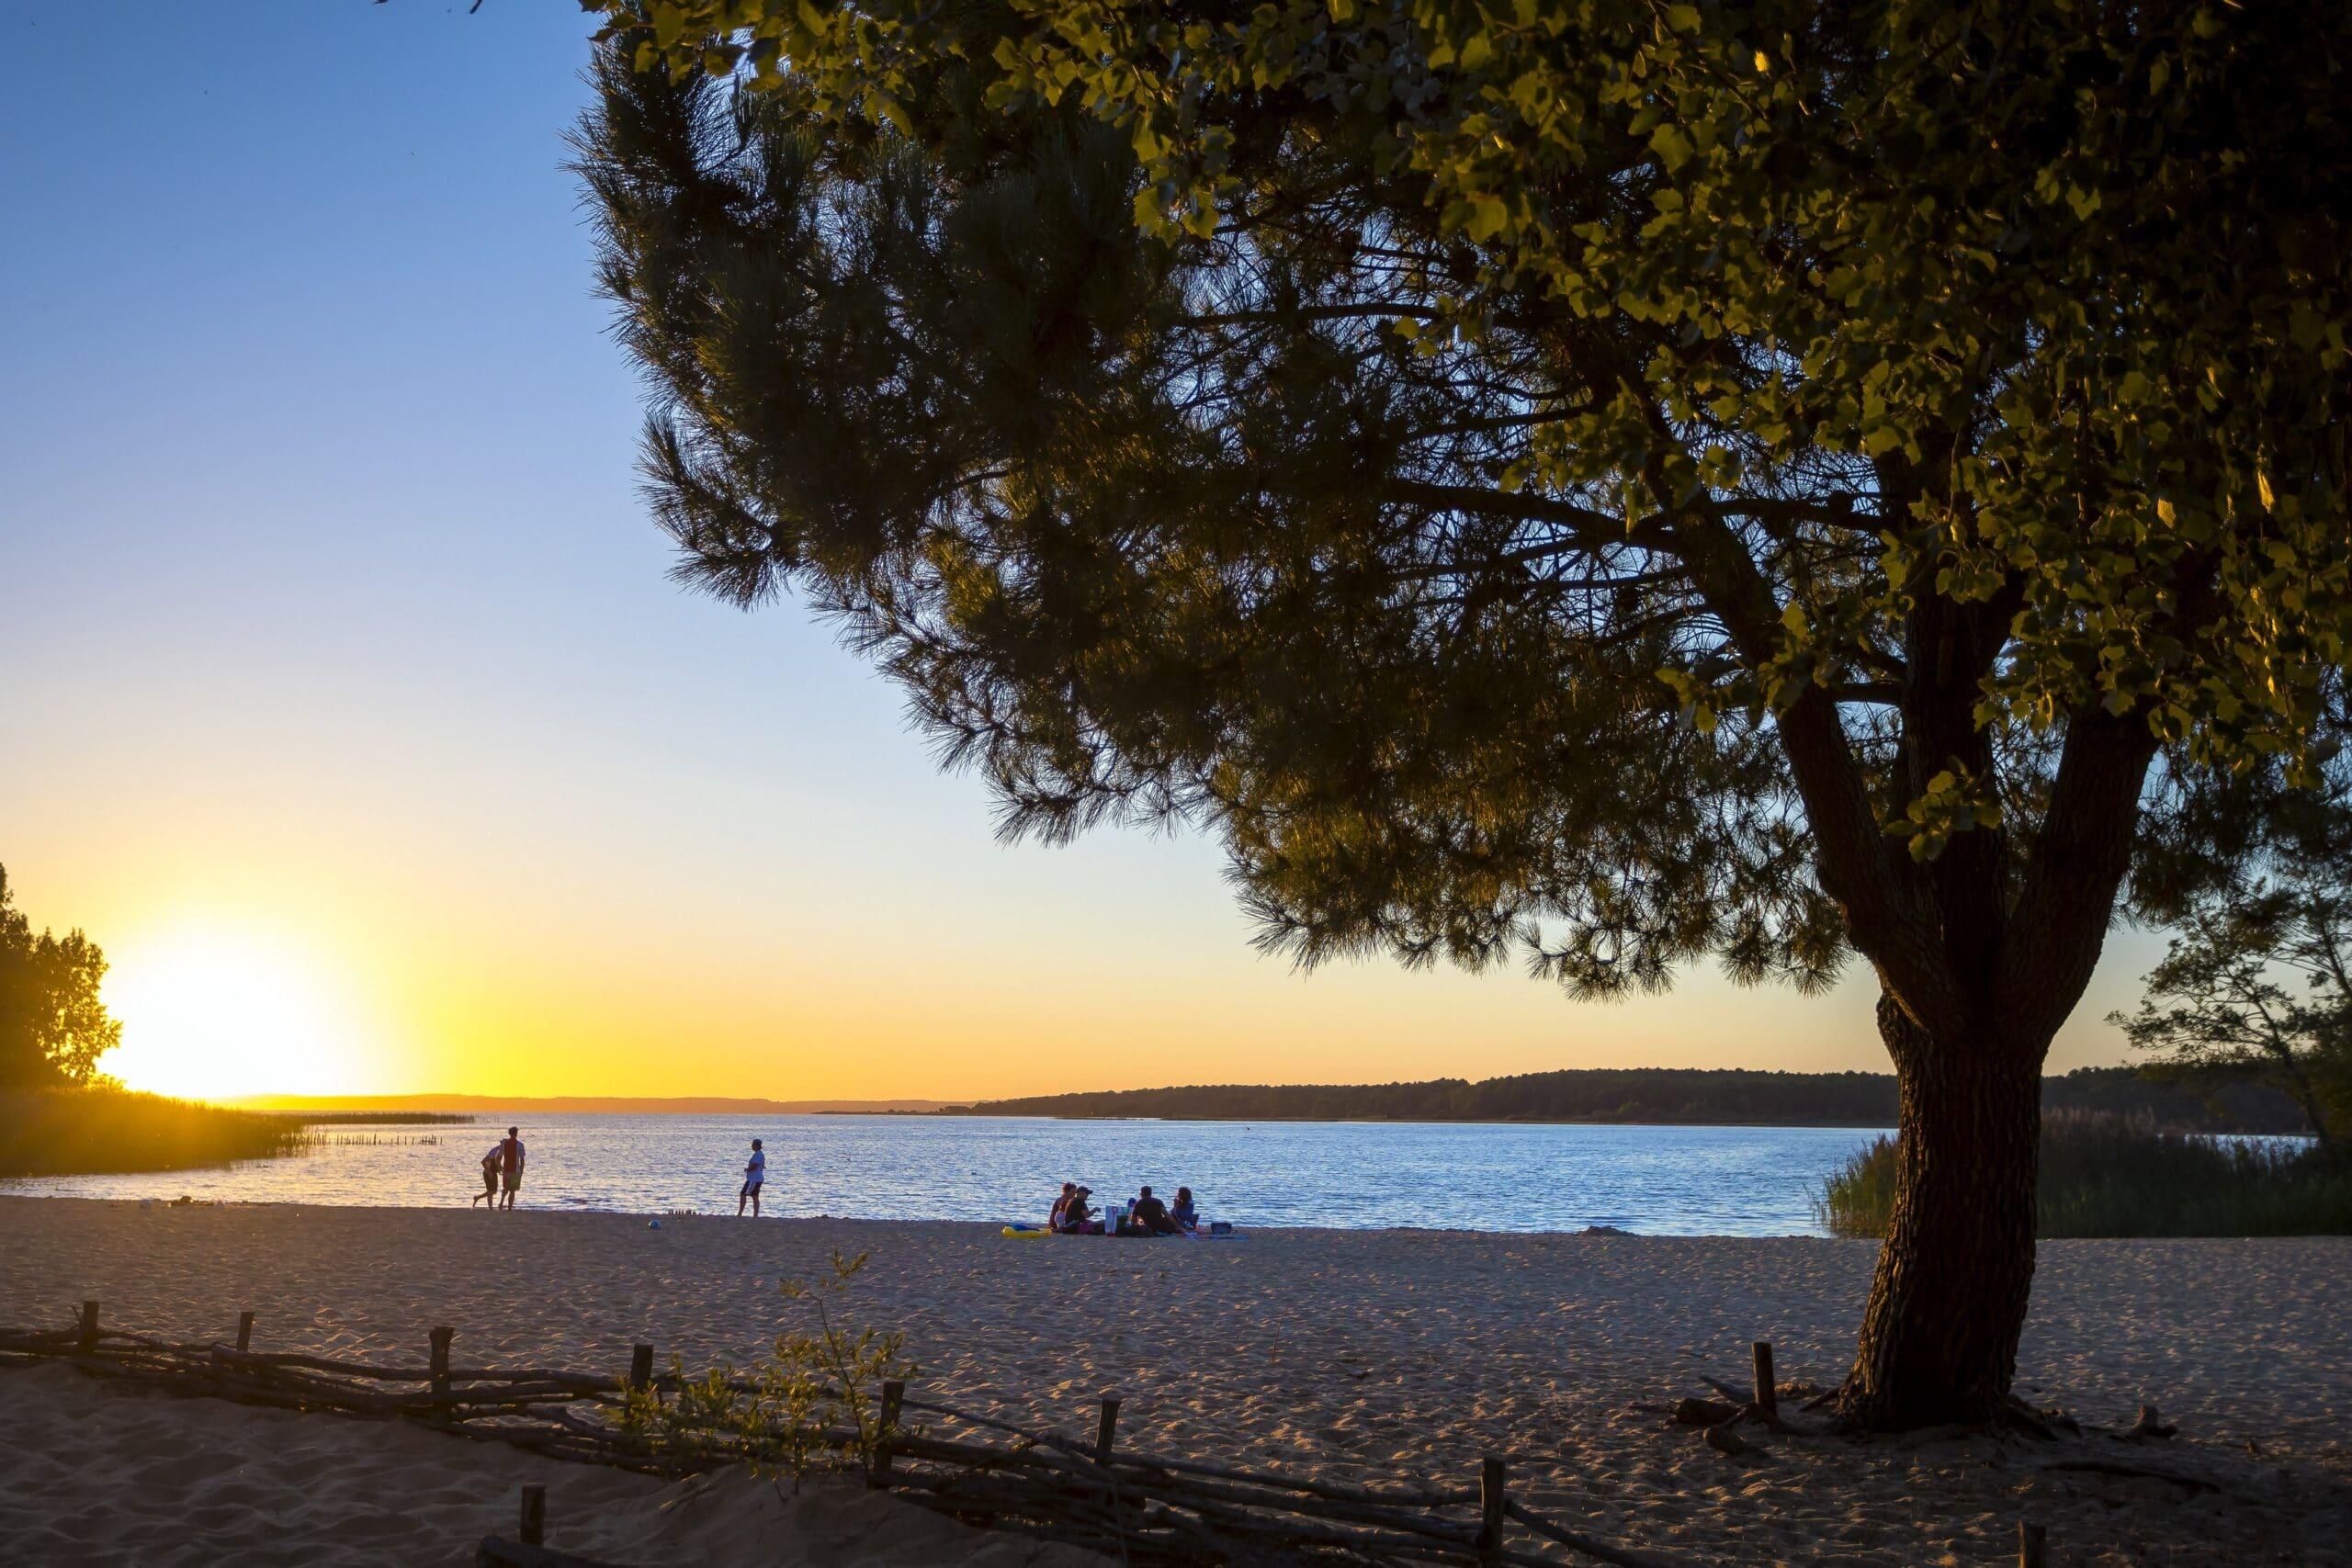 Fantastische zonsondergang op het strand van het meer van Sanguinet